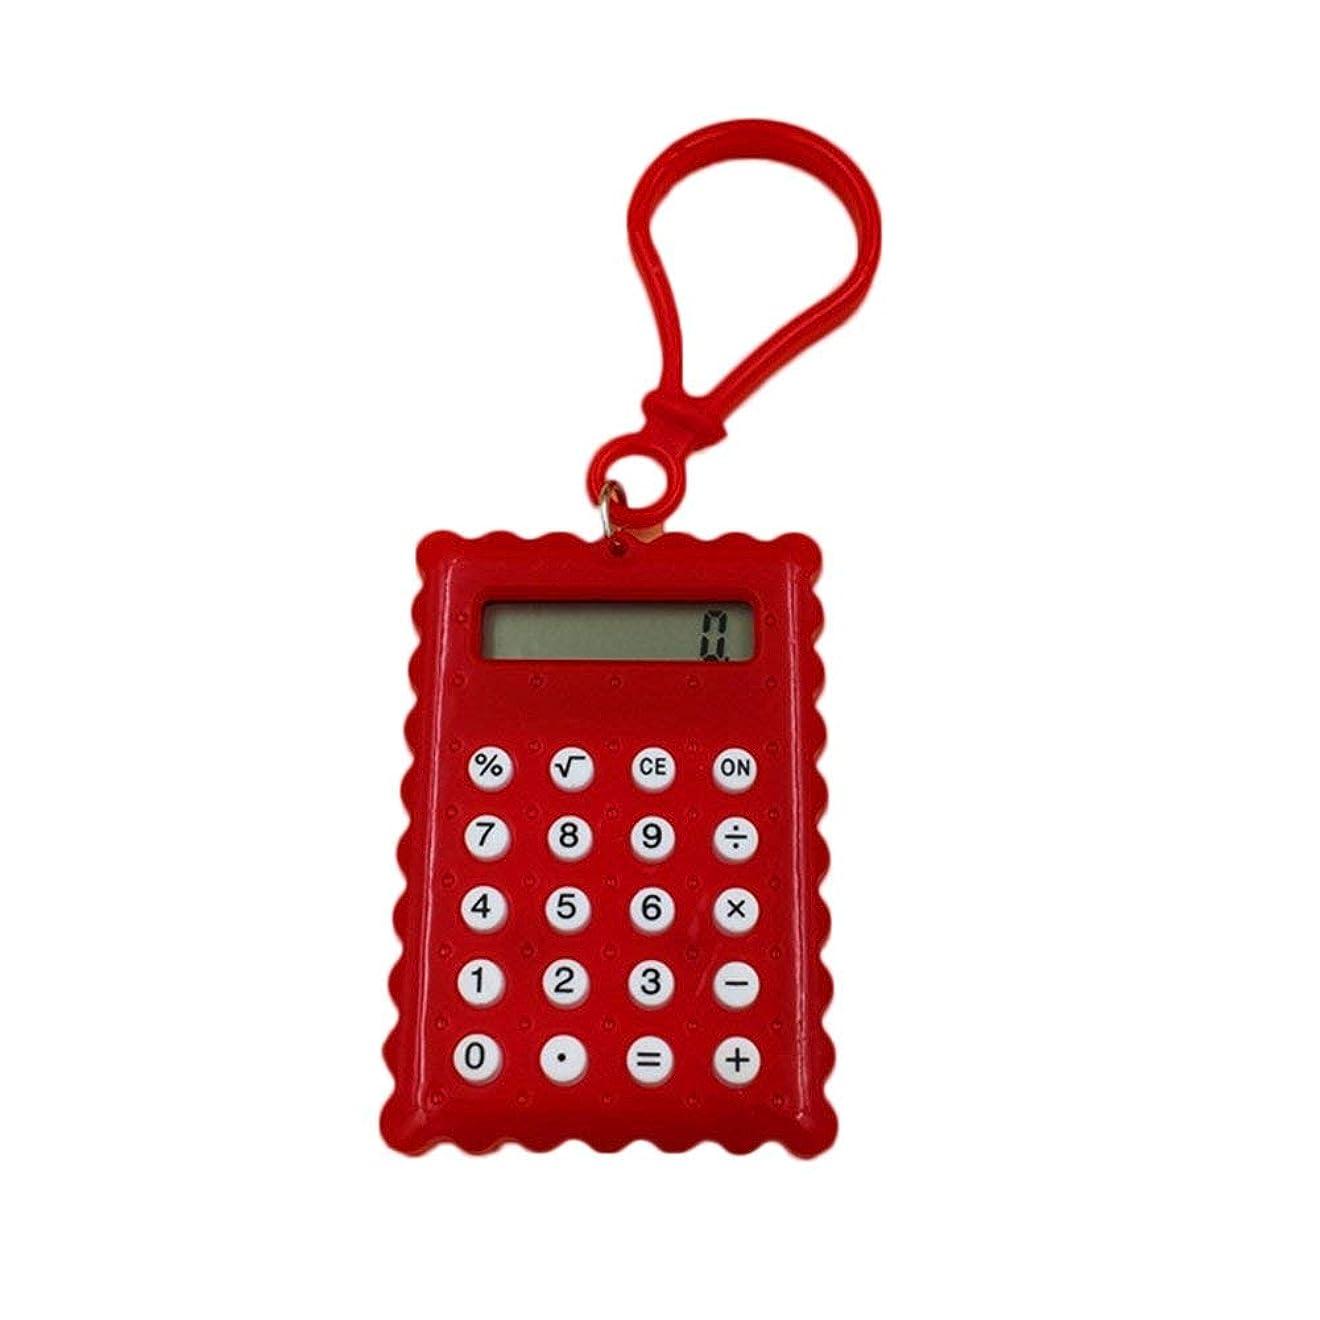 トチの実の木条件付きパスポート5個セット 学生用 ミニ電子ポケット計算機 ビスケット型 学校 オフィス用品 レッド